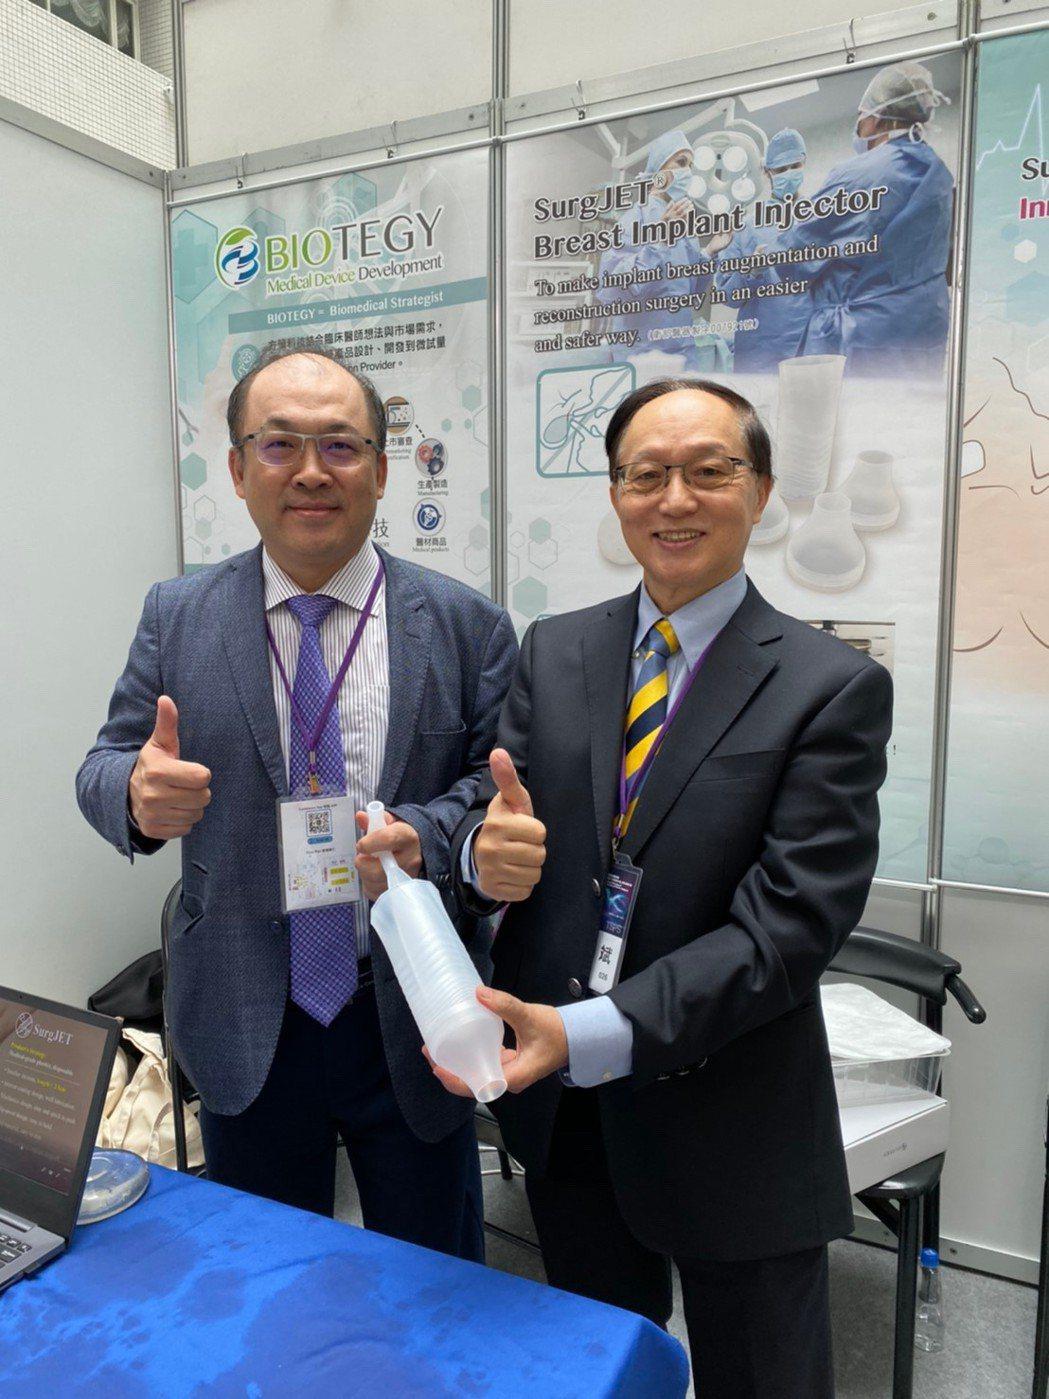 曹賜斌醫師(右)與北科大方旭偉教授共同研發設計出新一代SurgJET義乳植入器2...